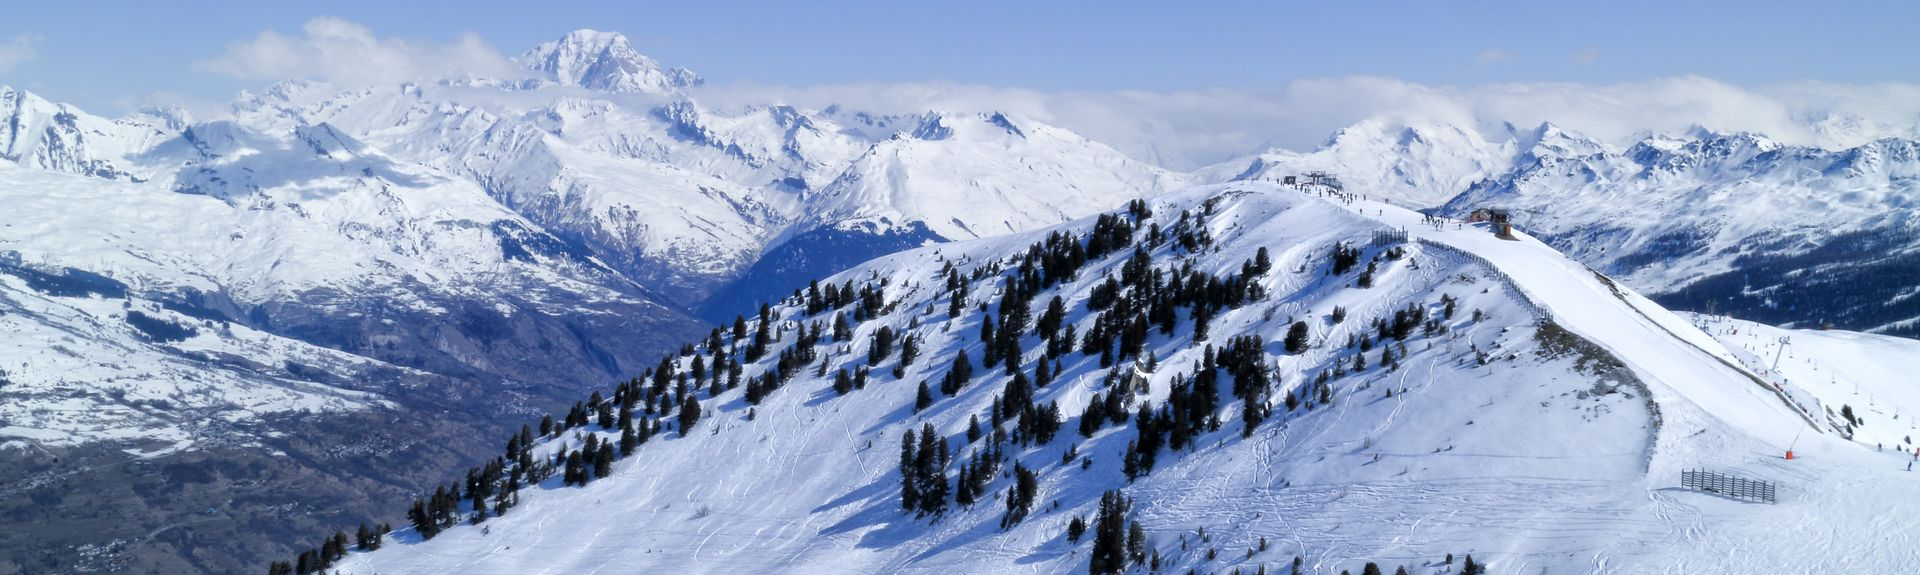 La Plagne, La Plagne-Tarentaise, Auvergne-Rhône-Alpes, France